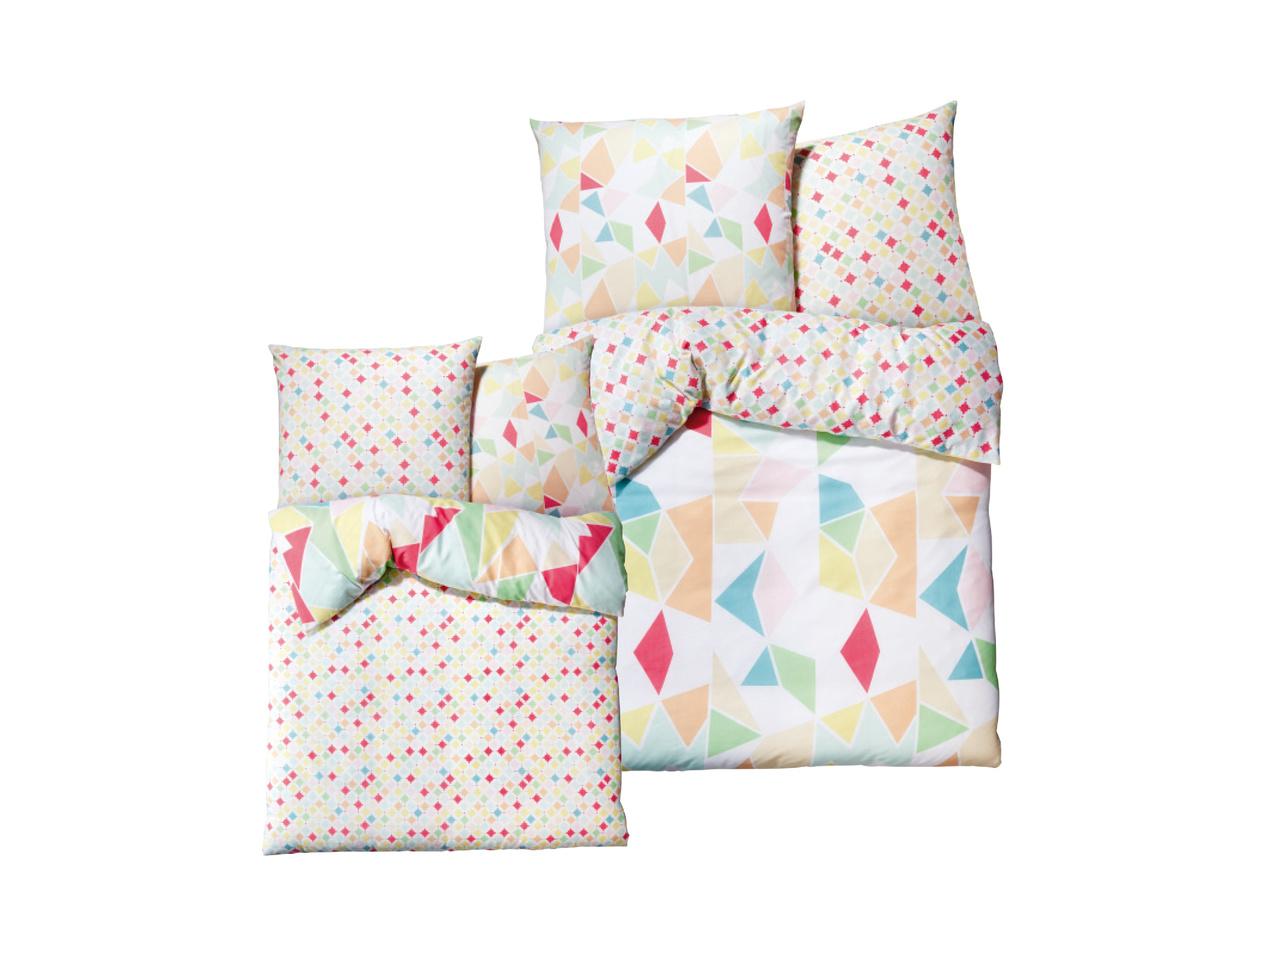 parure de lit en coton renforc king size lidl france archive des offres promotionnelles. Black Bedroom Furniture Sets. Home Design Ideas